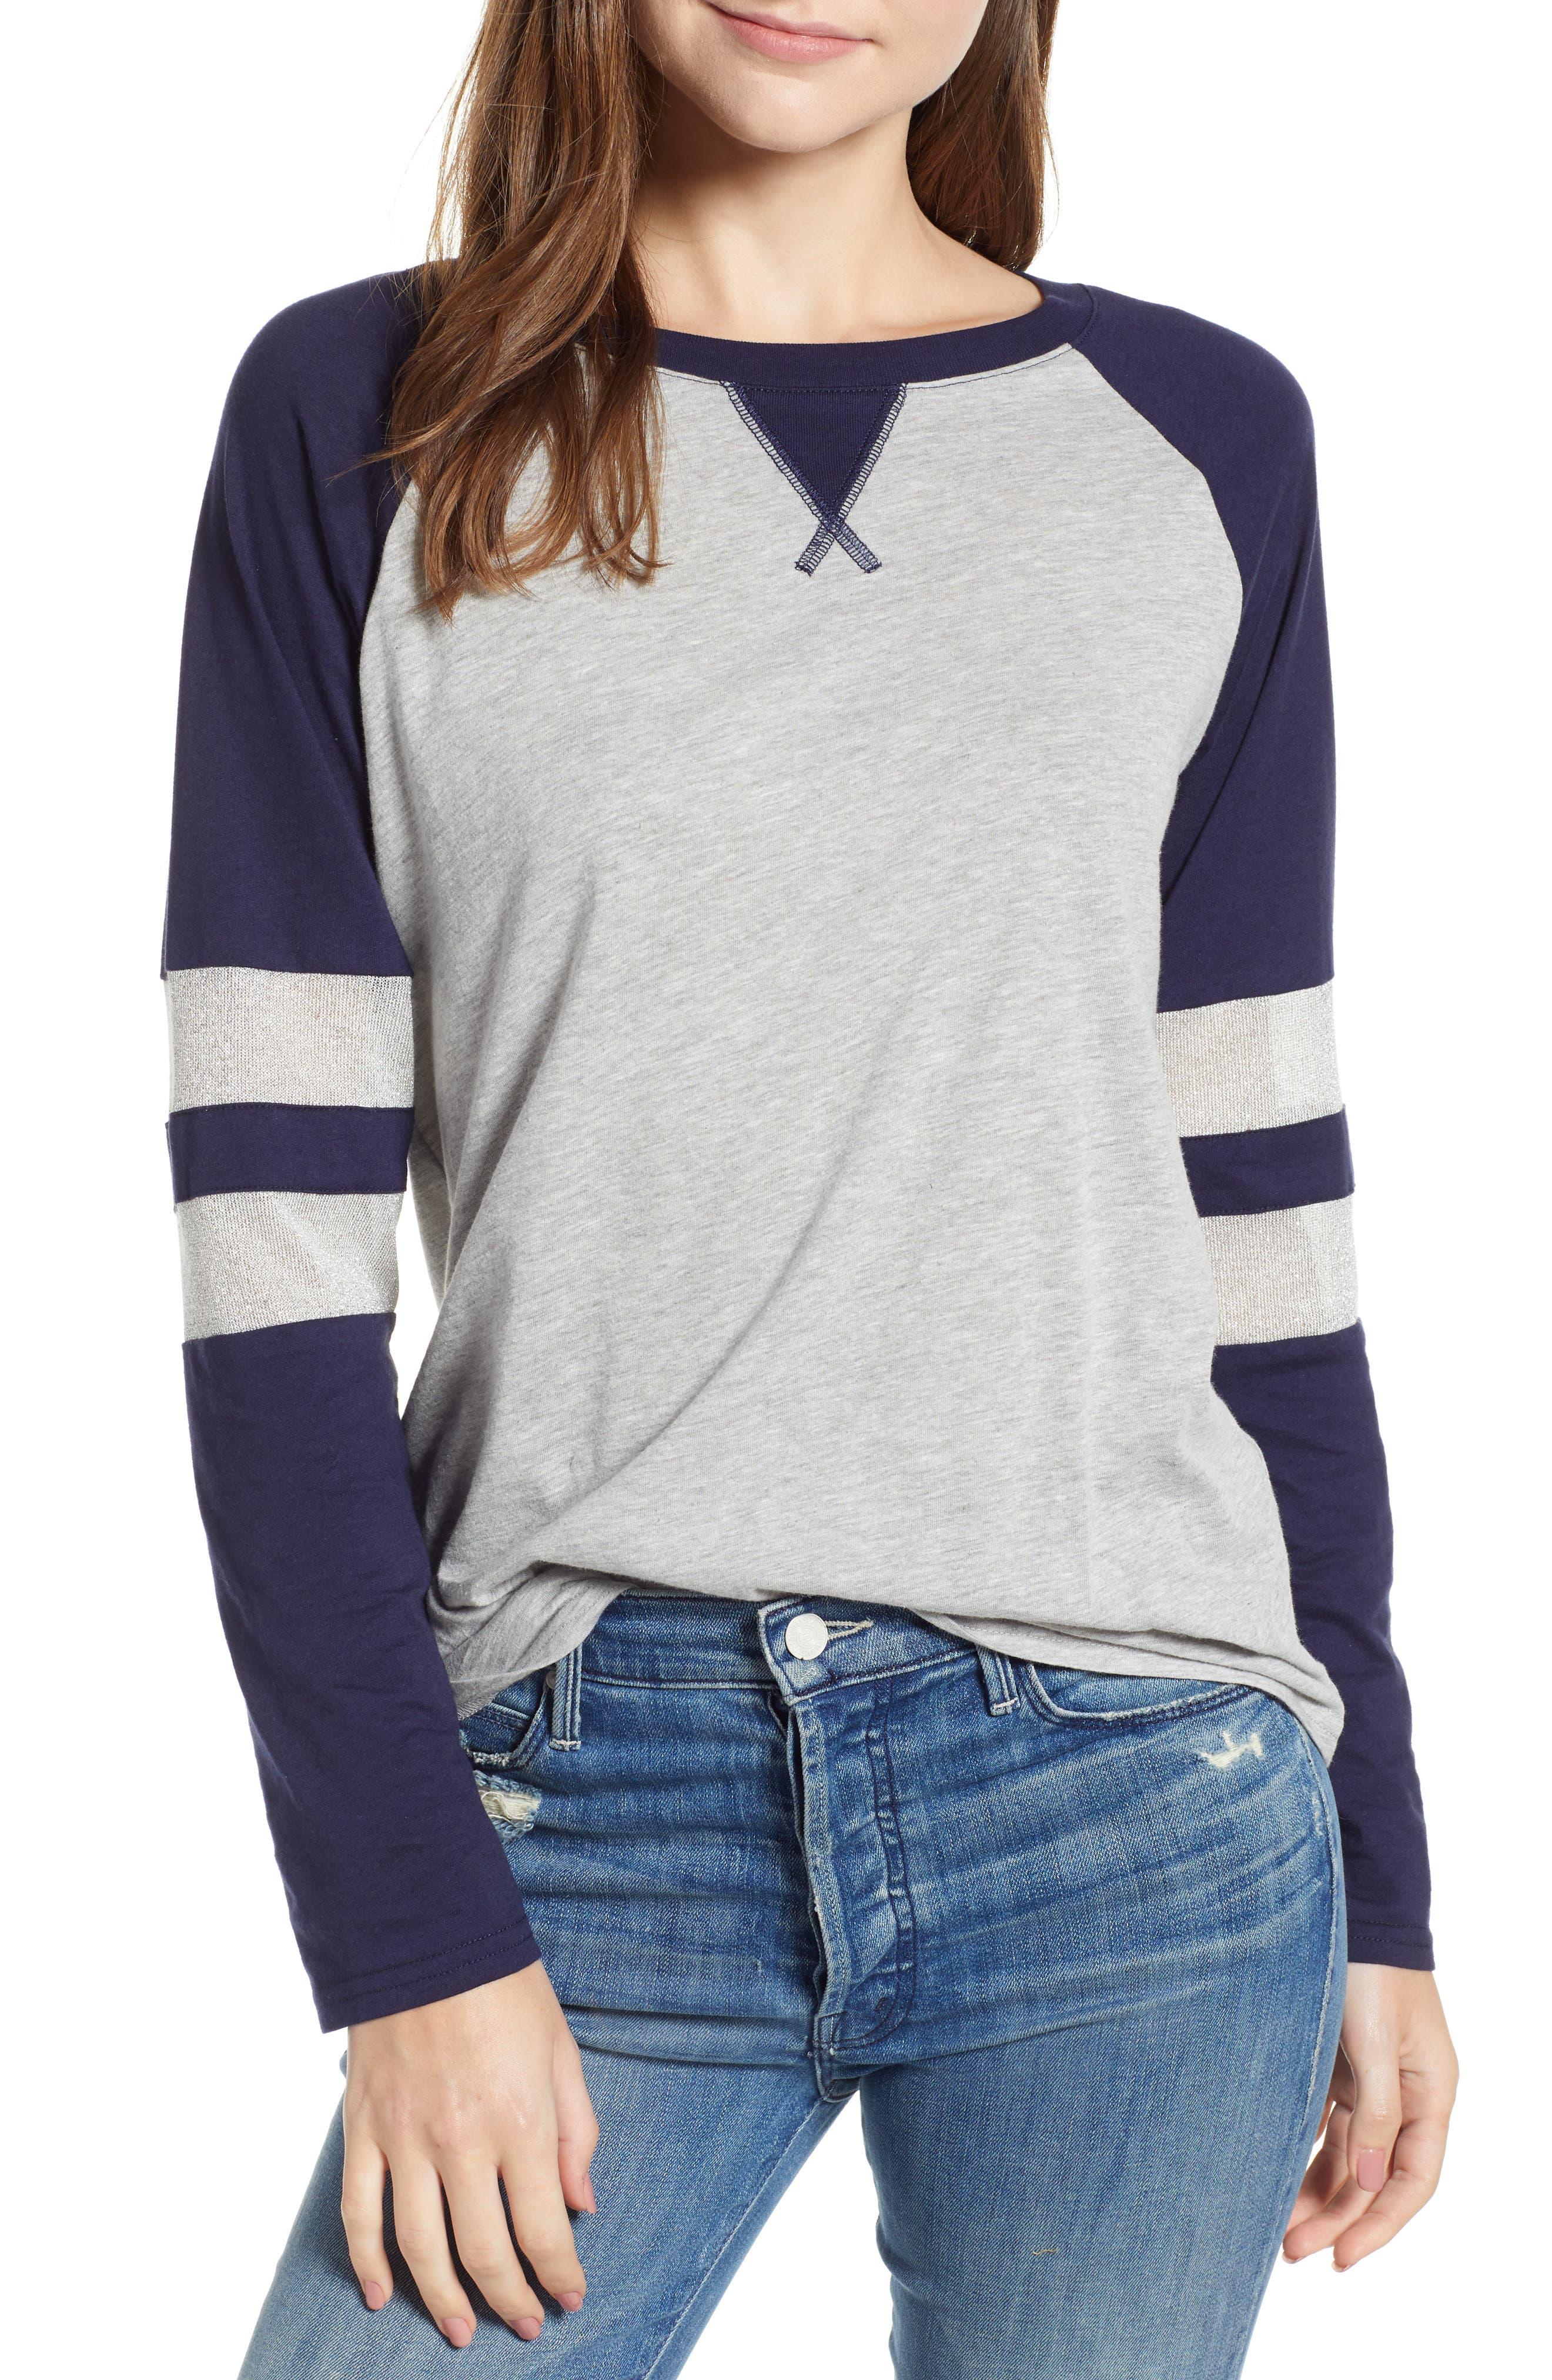 Treasure & Bond Colorblock Cotton Blend Raglan Top, Grey